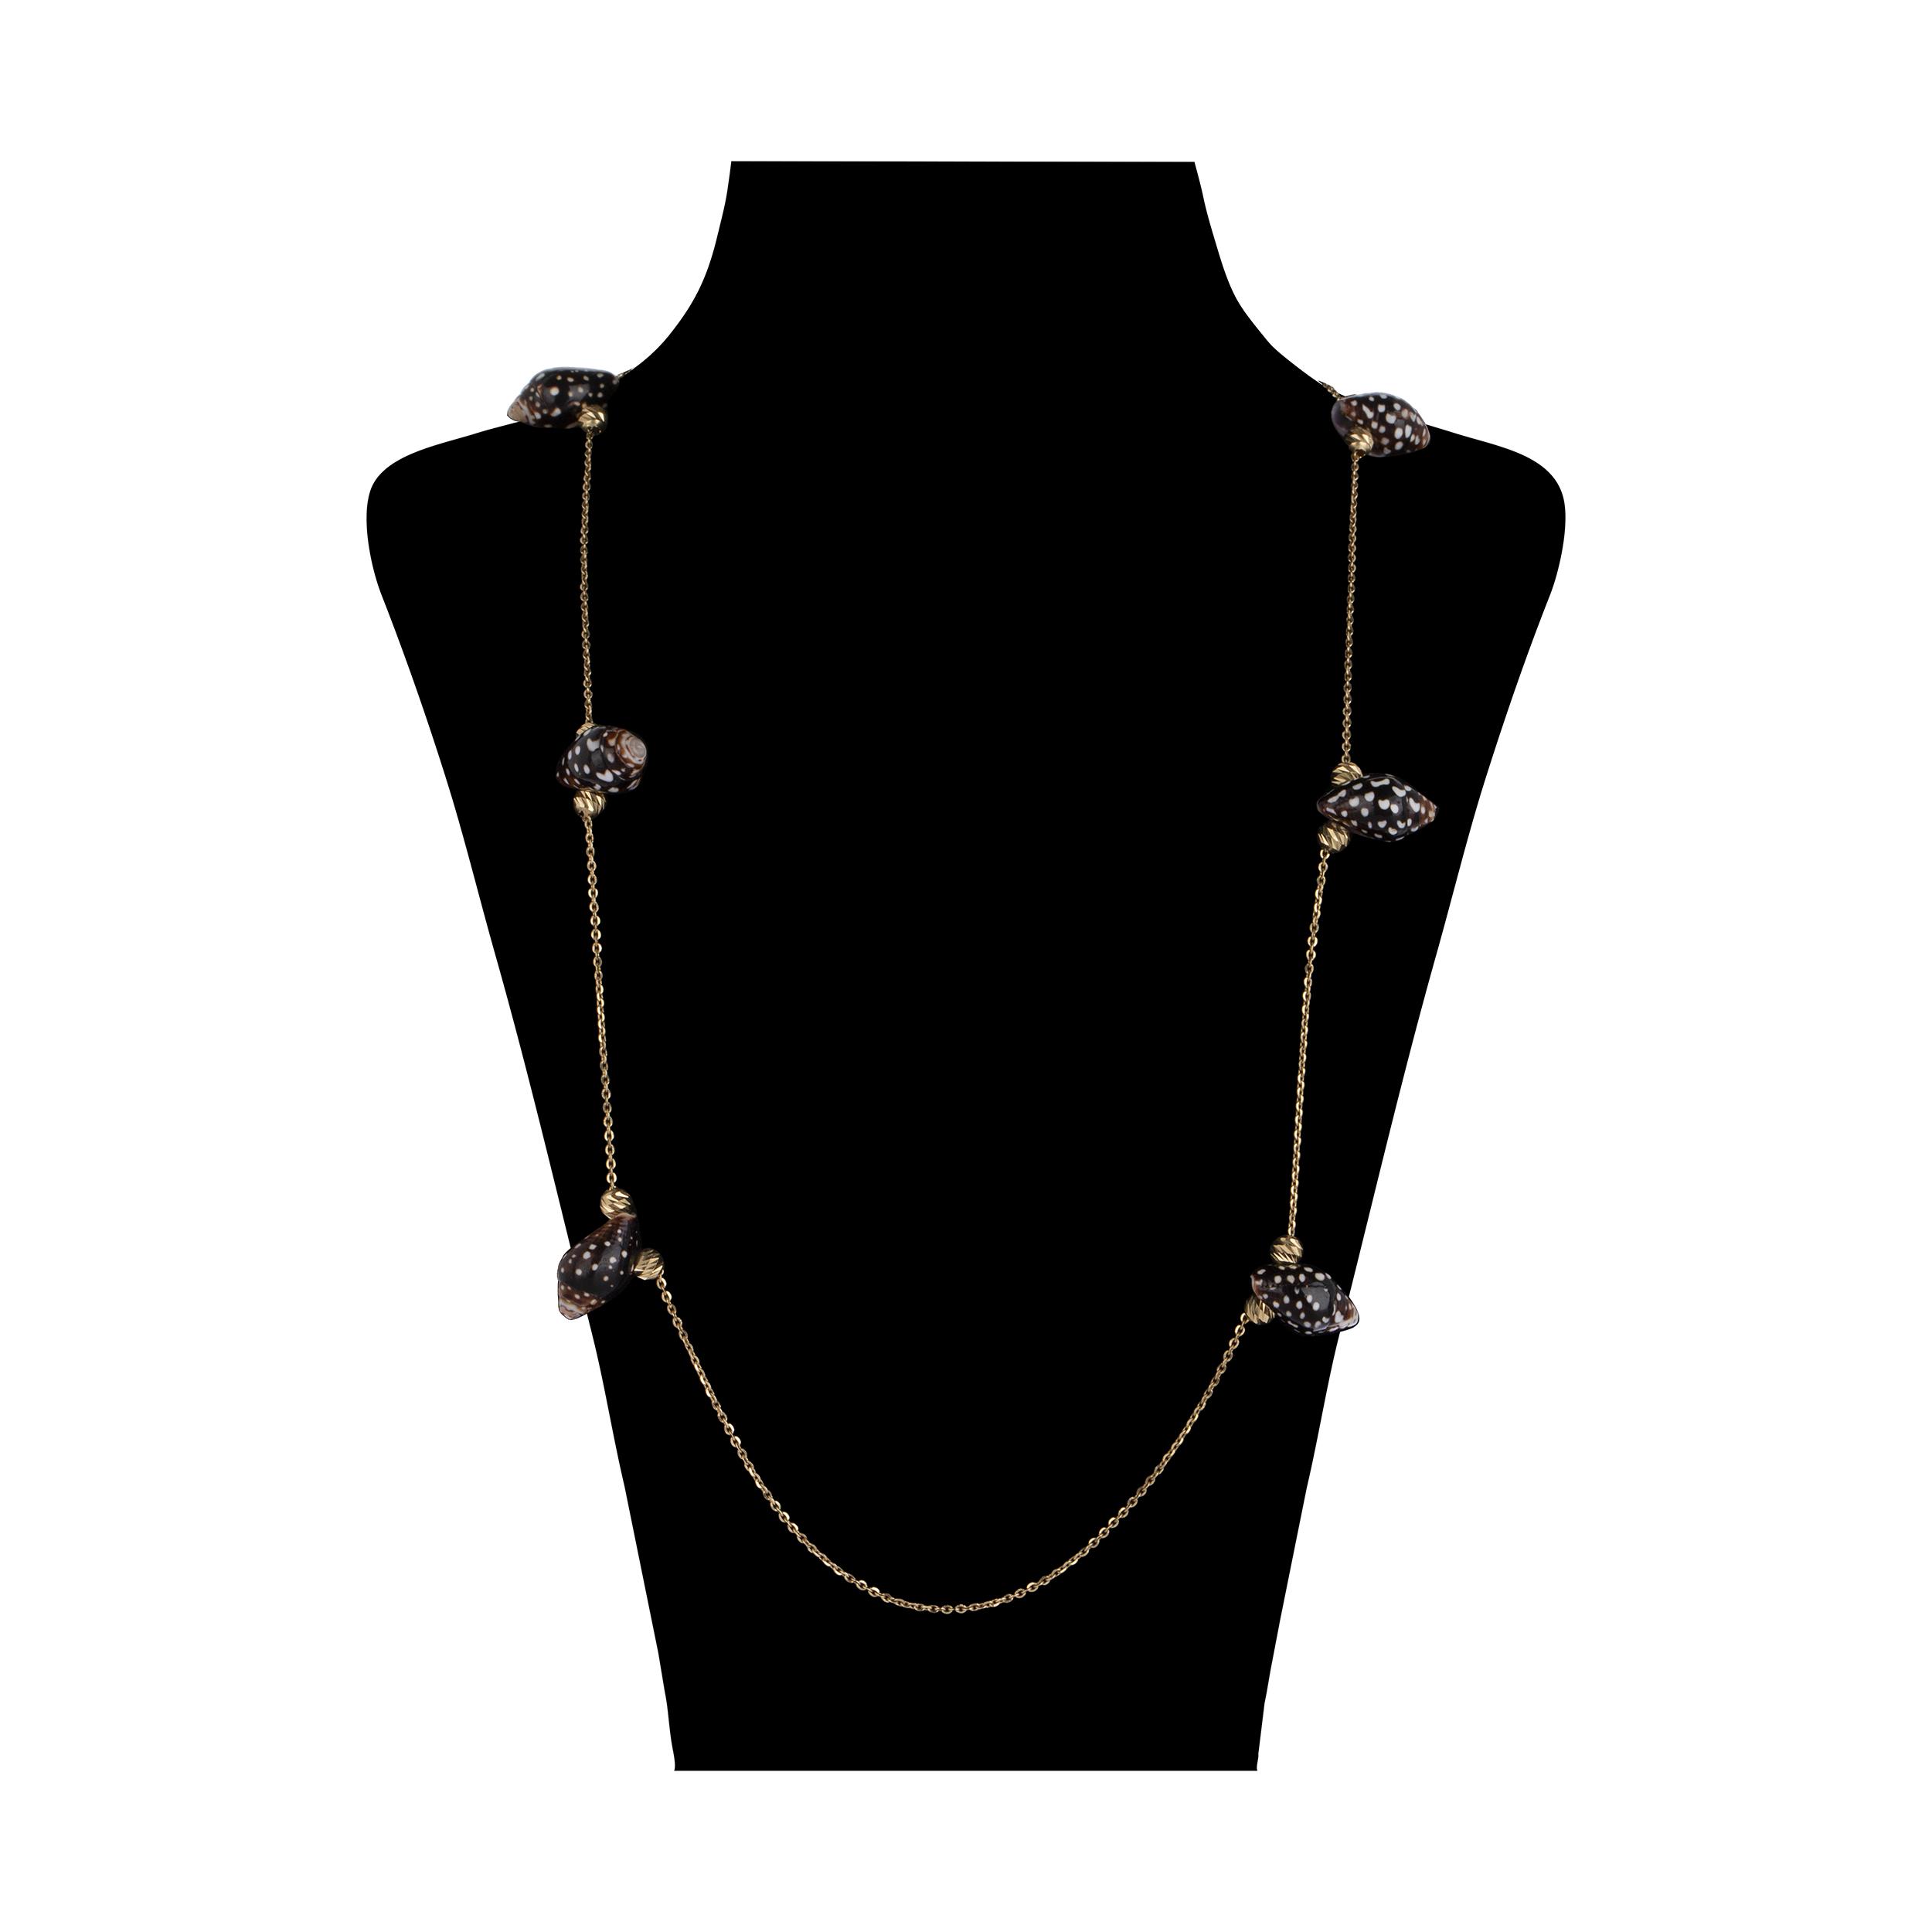 گردنبند طلا 18 عیار زنانه سیودو مدل 147638 -  - 2